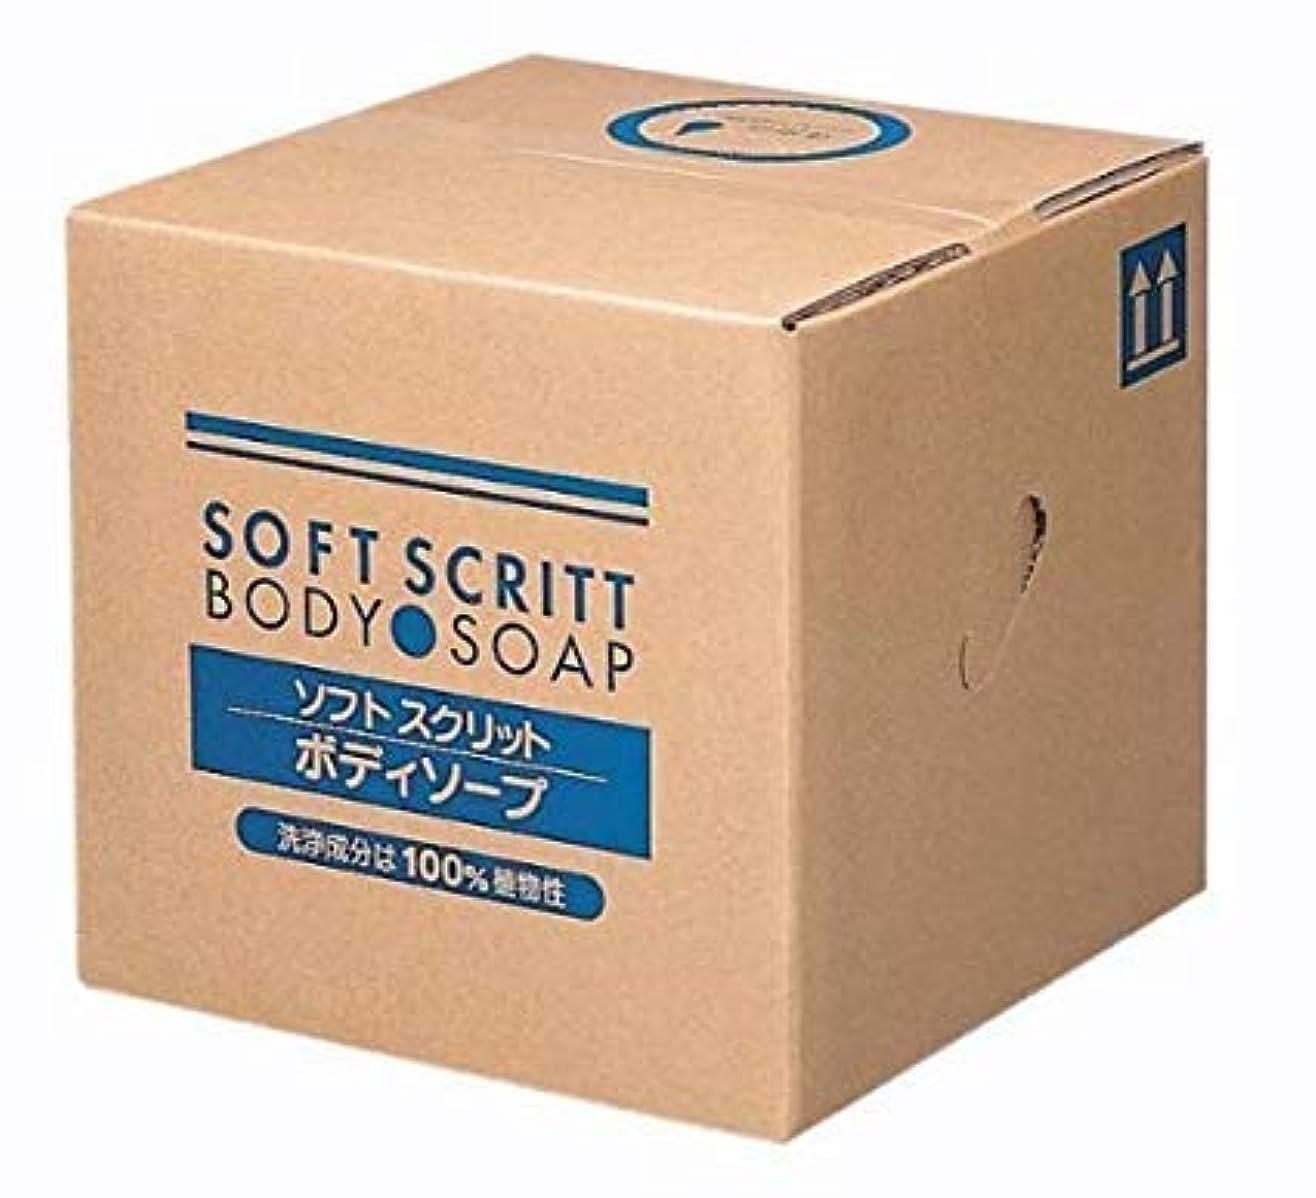 完璧契約悪性腫瘍業務用 SOFT SCRITT(ソフト スクリット) ボディソープ 18L 熊野油脂 (コック無し)